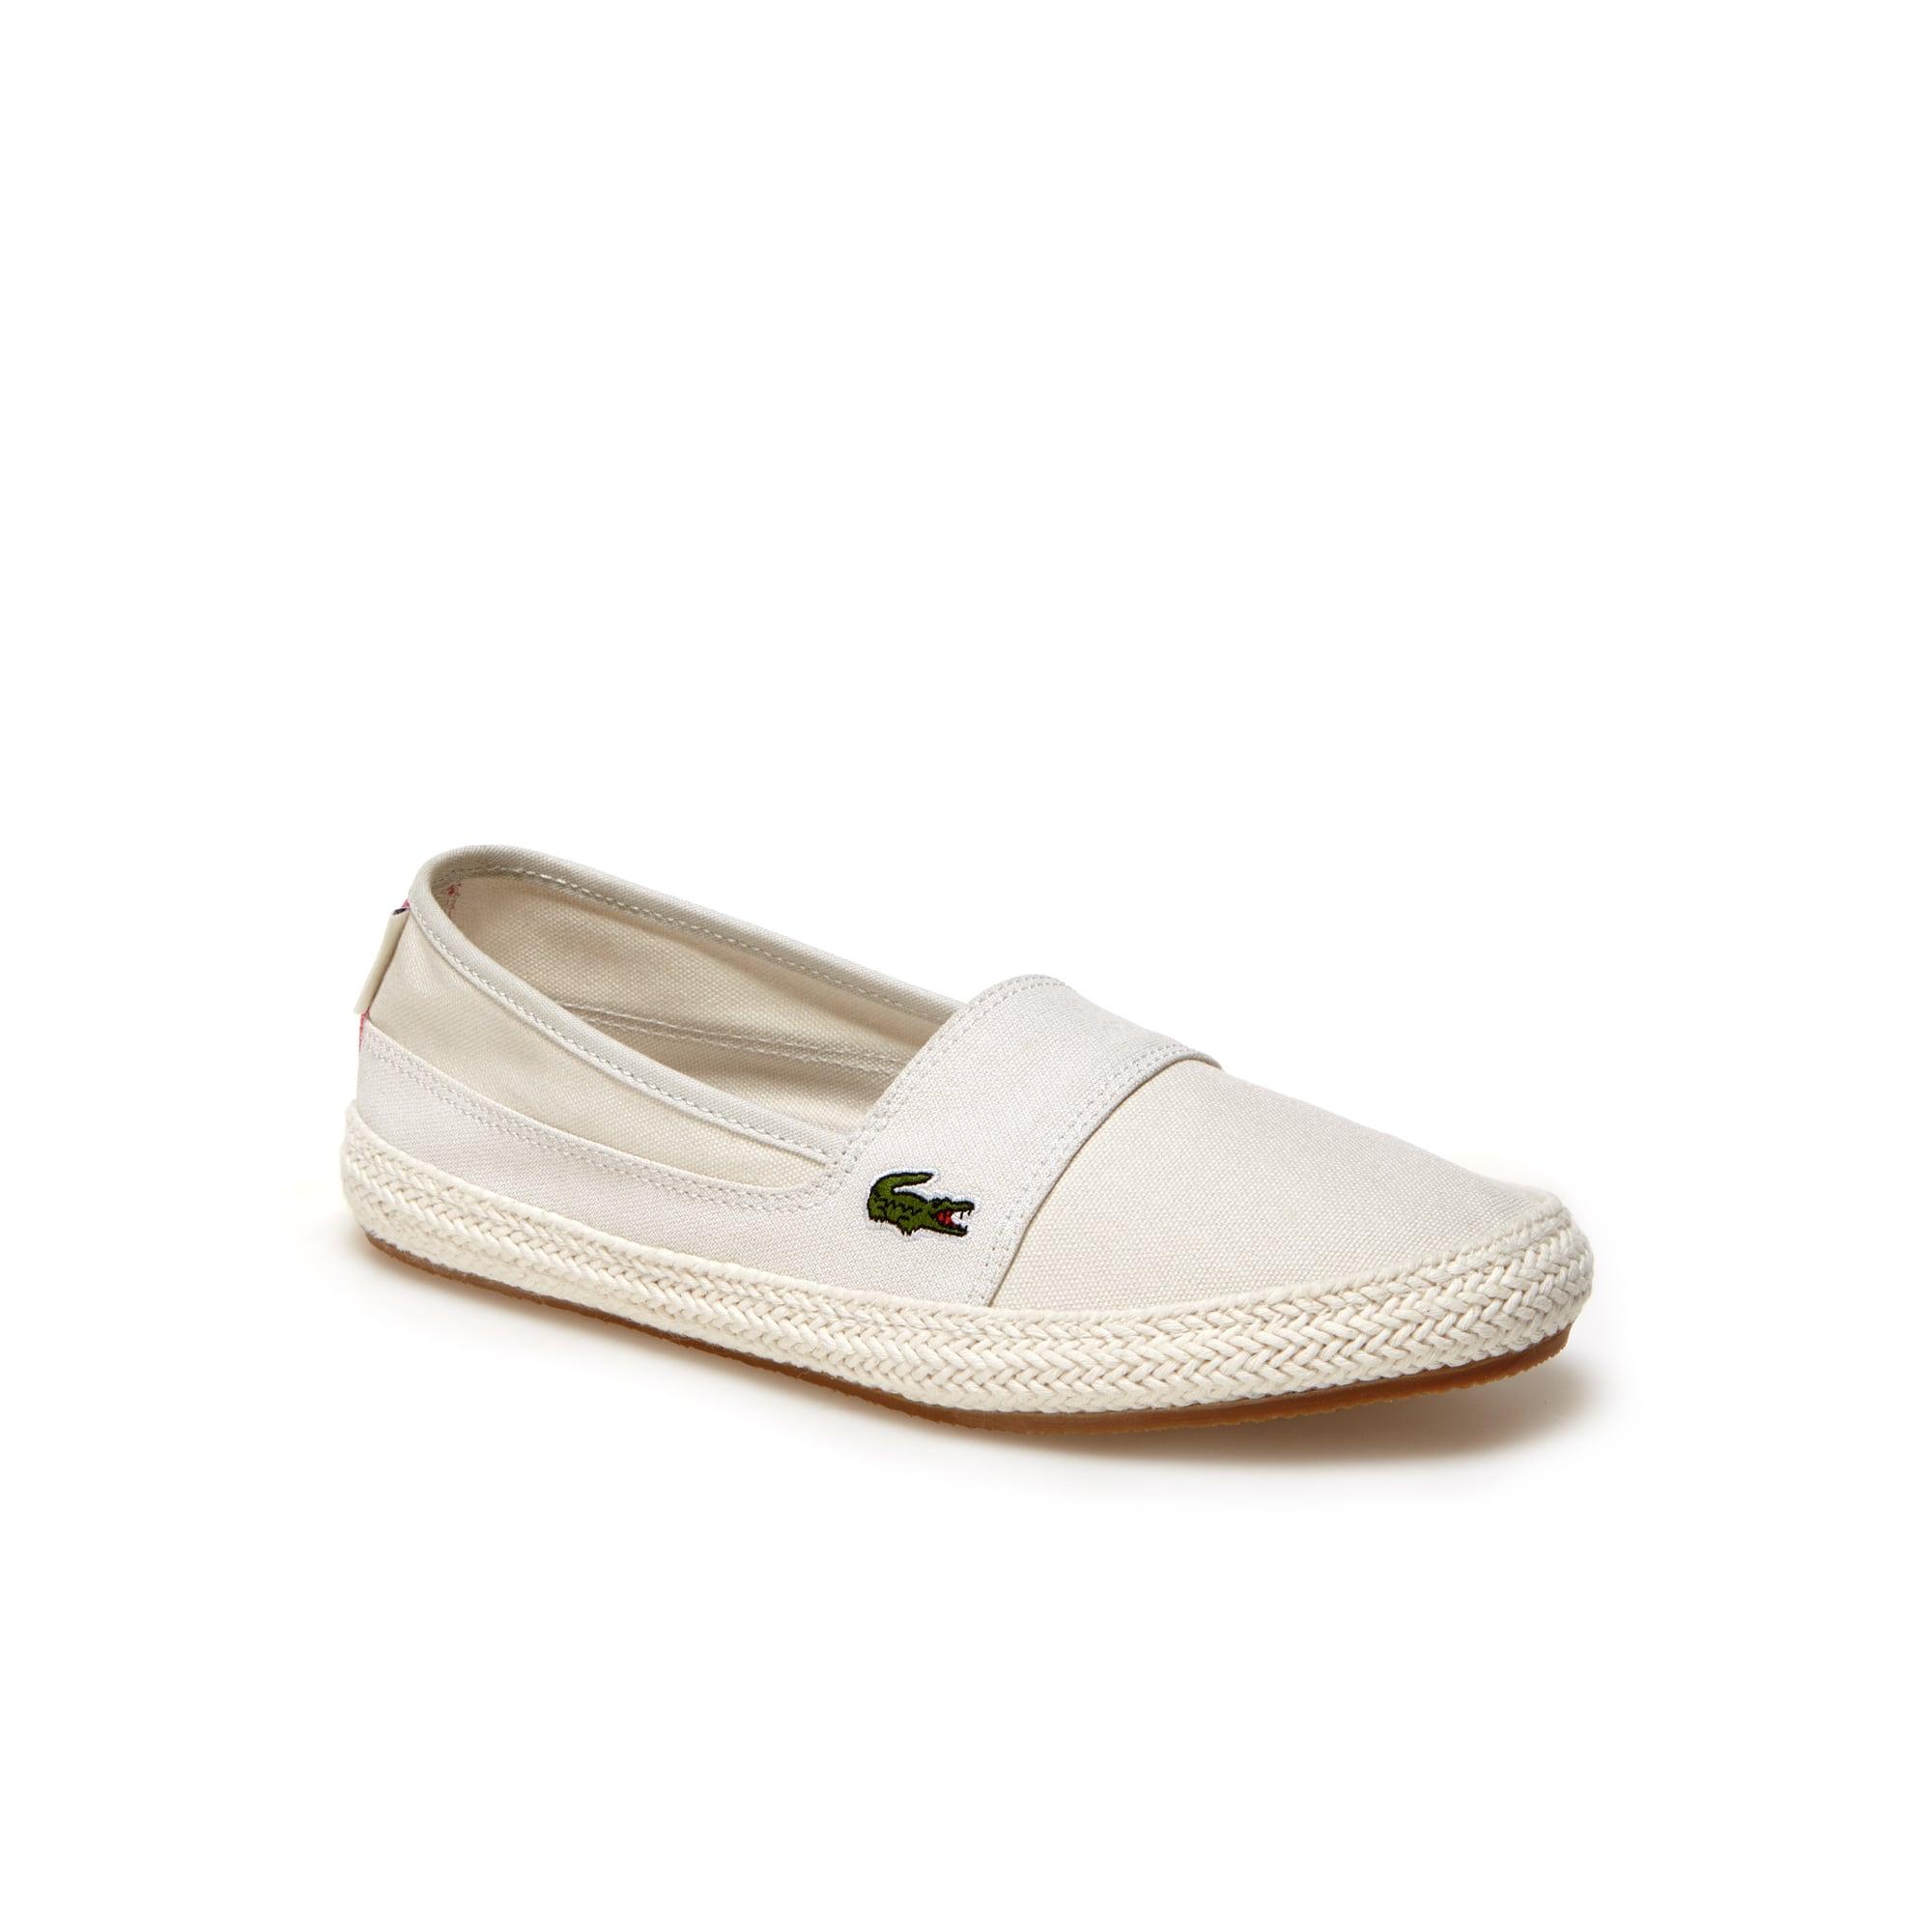 Zapatillas sin cordones de mujer Marice de loneta